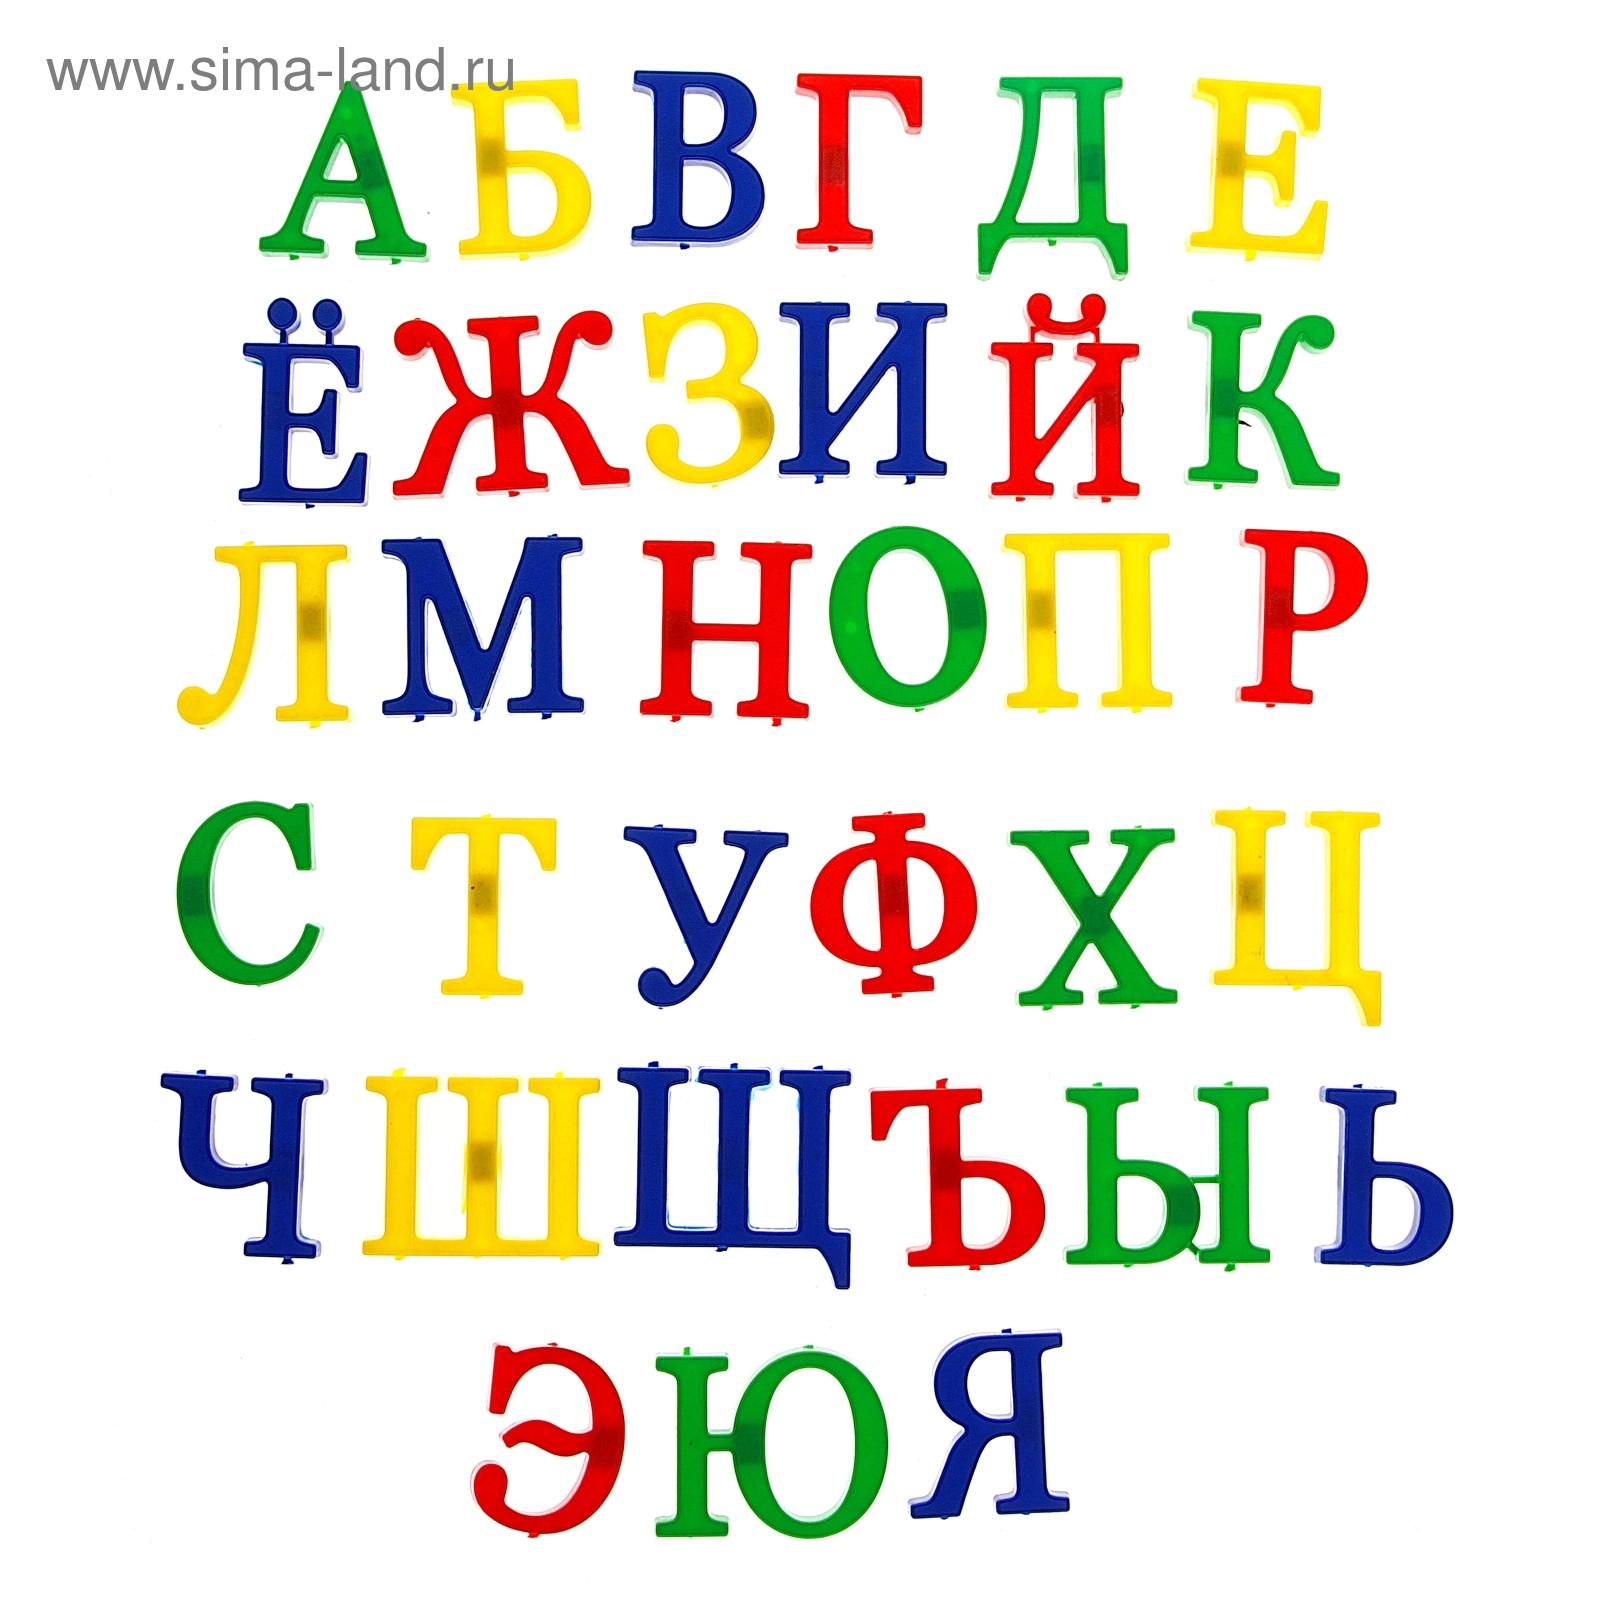 Как гадать по буквам алфавита